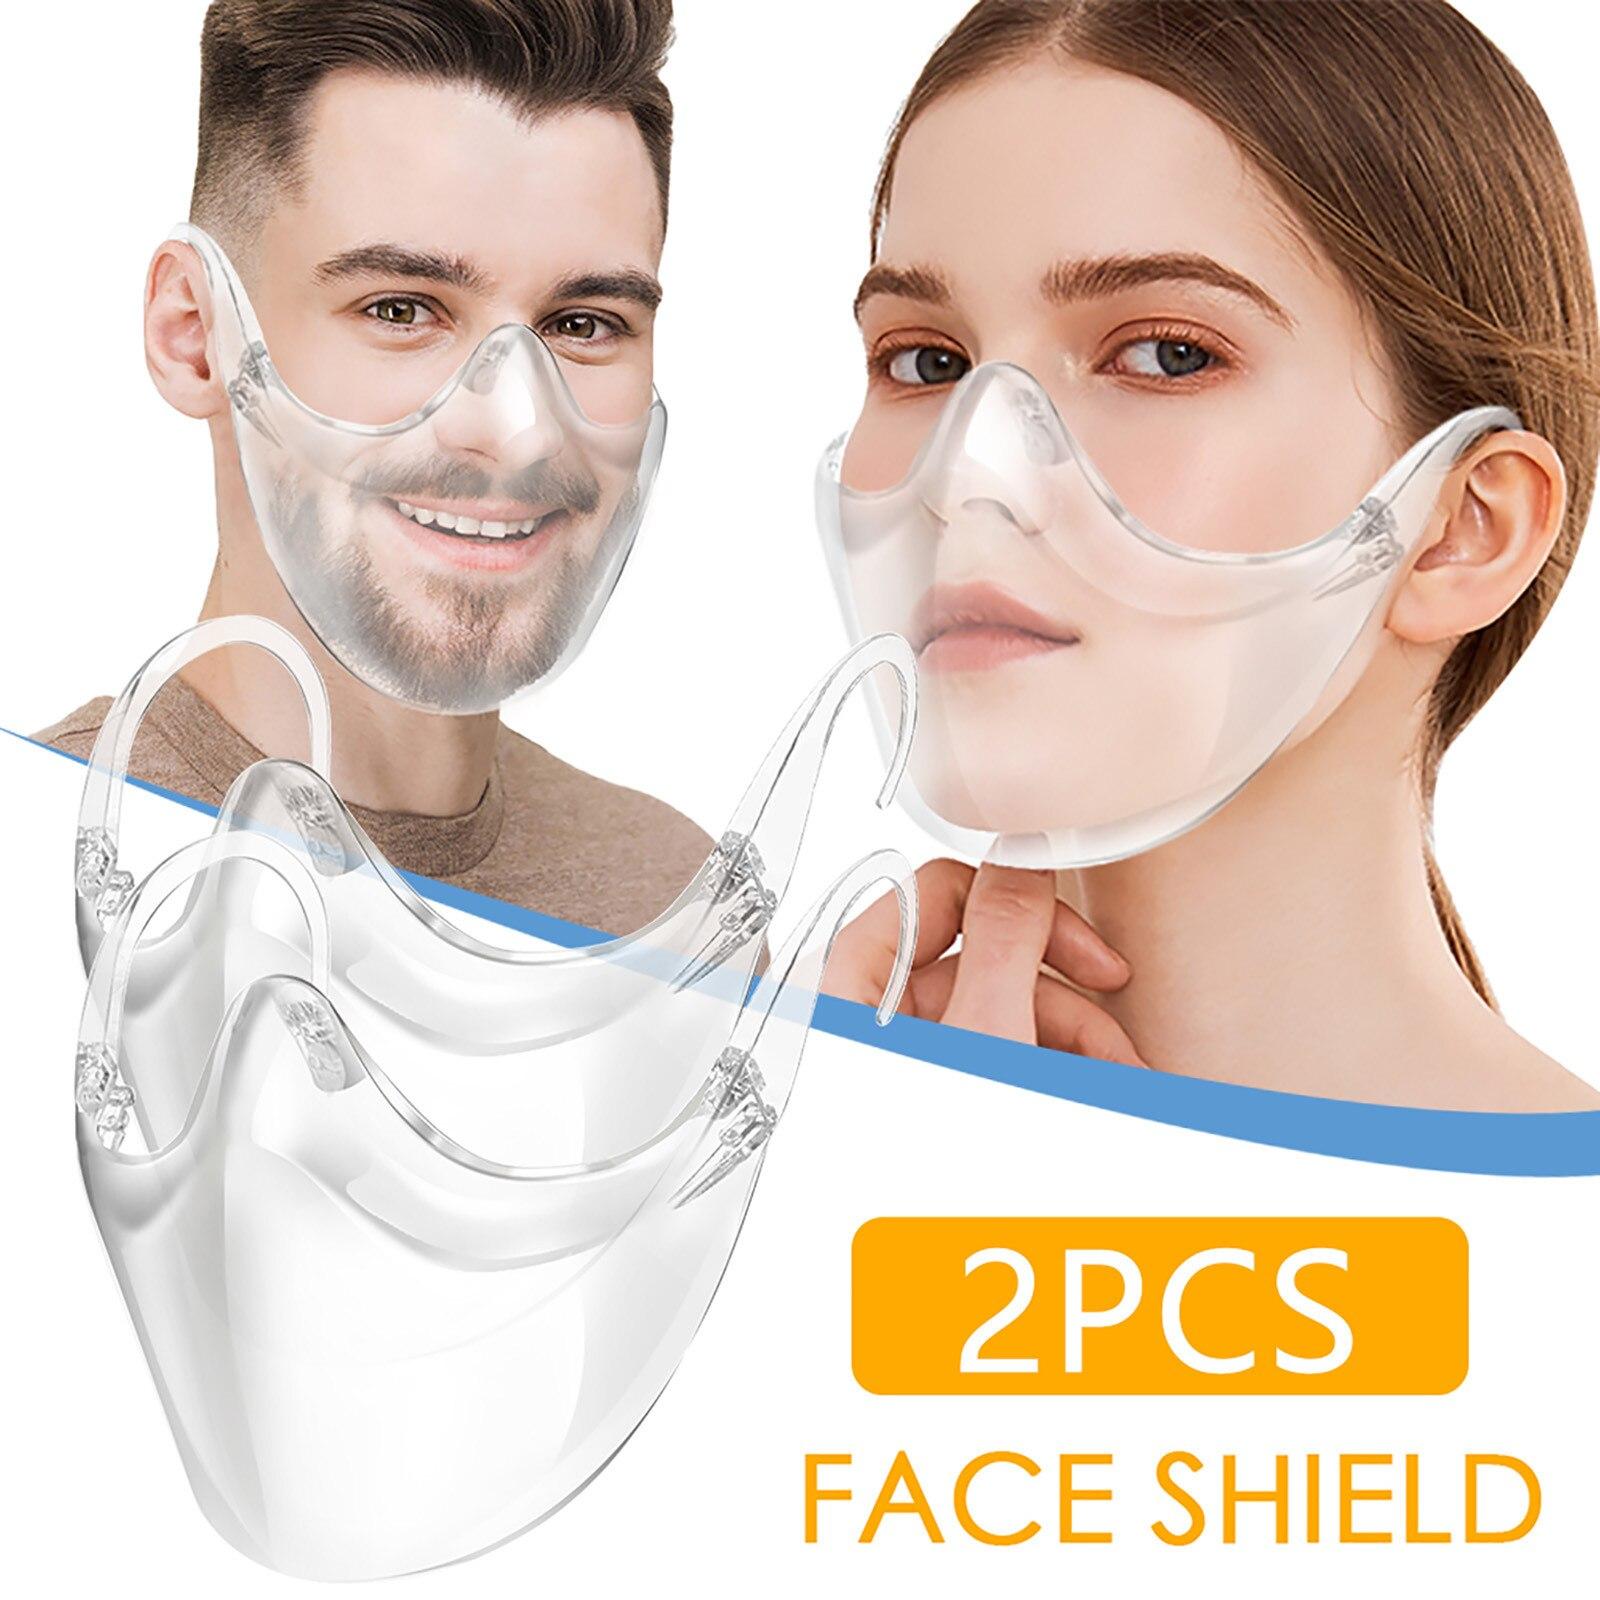 Комплект из 2 предметов гигиены Безопасность защитный лицевой щиток Пластик Козырек защитный анти туман Анти всплеск прозрачный Еда защитный лицевой щиток для рта для носа Очки для нарезки лука      АлиЭкспресс